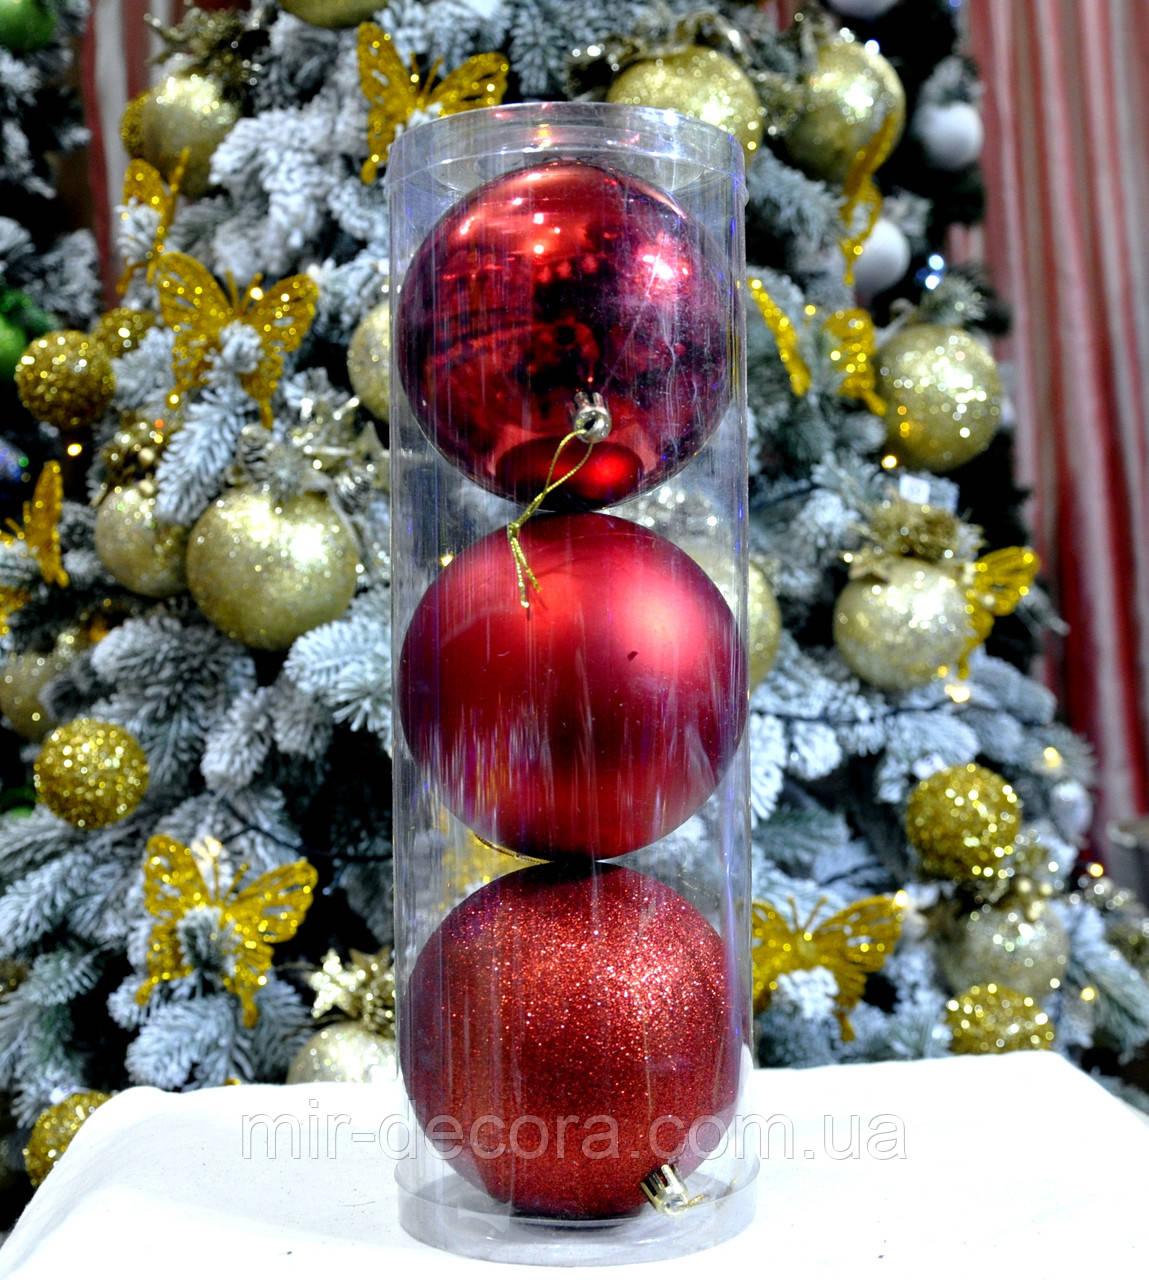 Набор новогодних шаров (пластик) 3 шт, диаметр 100 мм. Цвет красный.